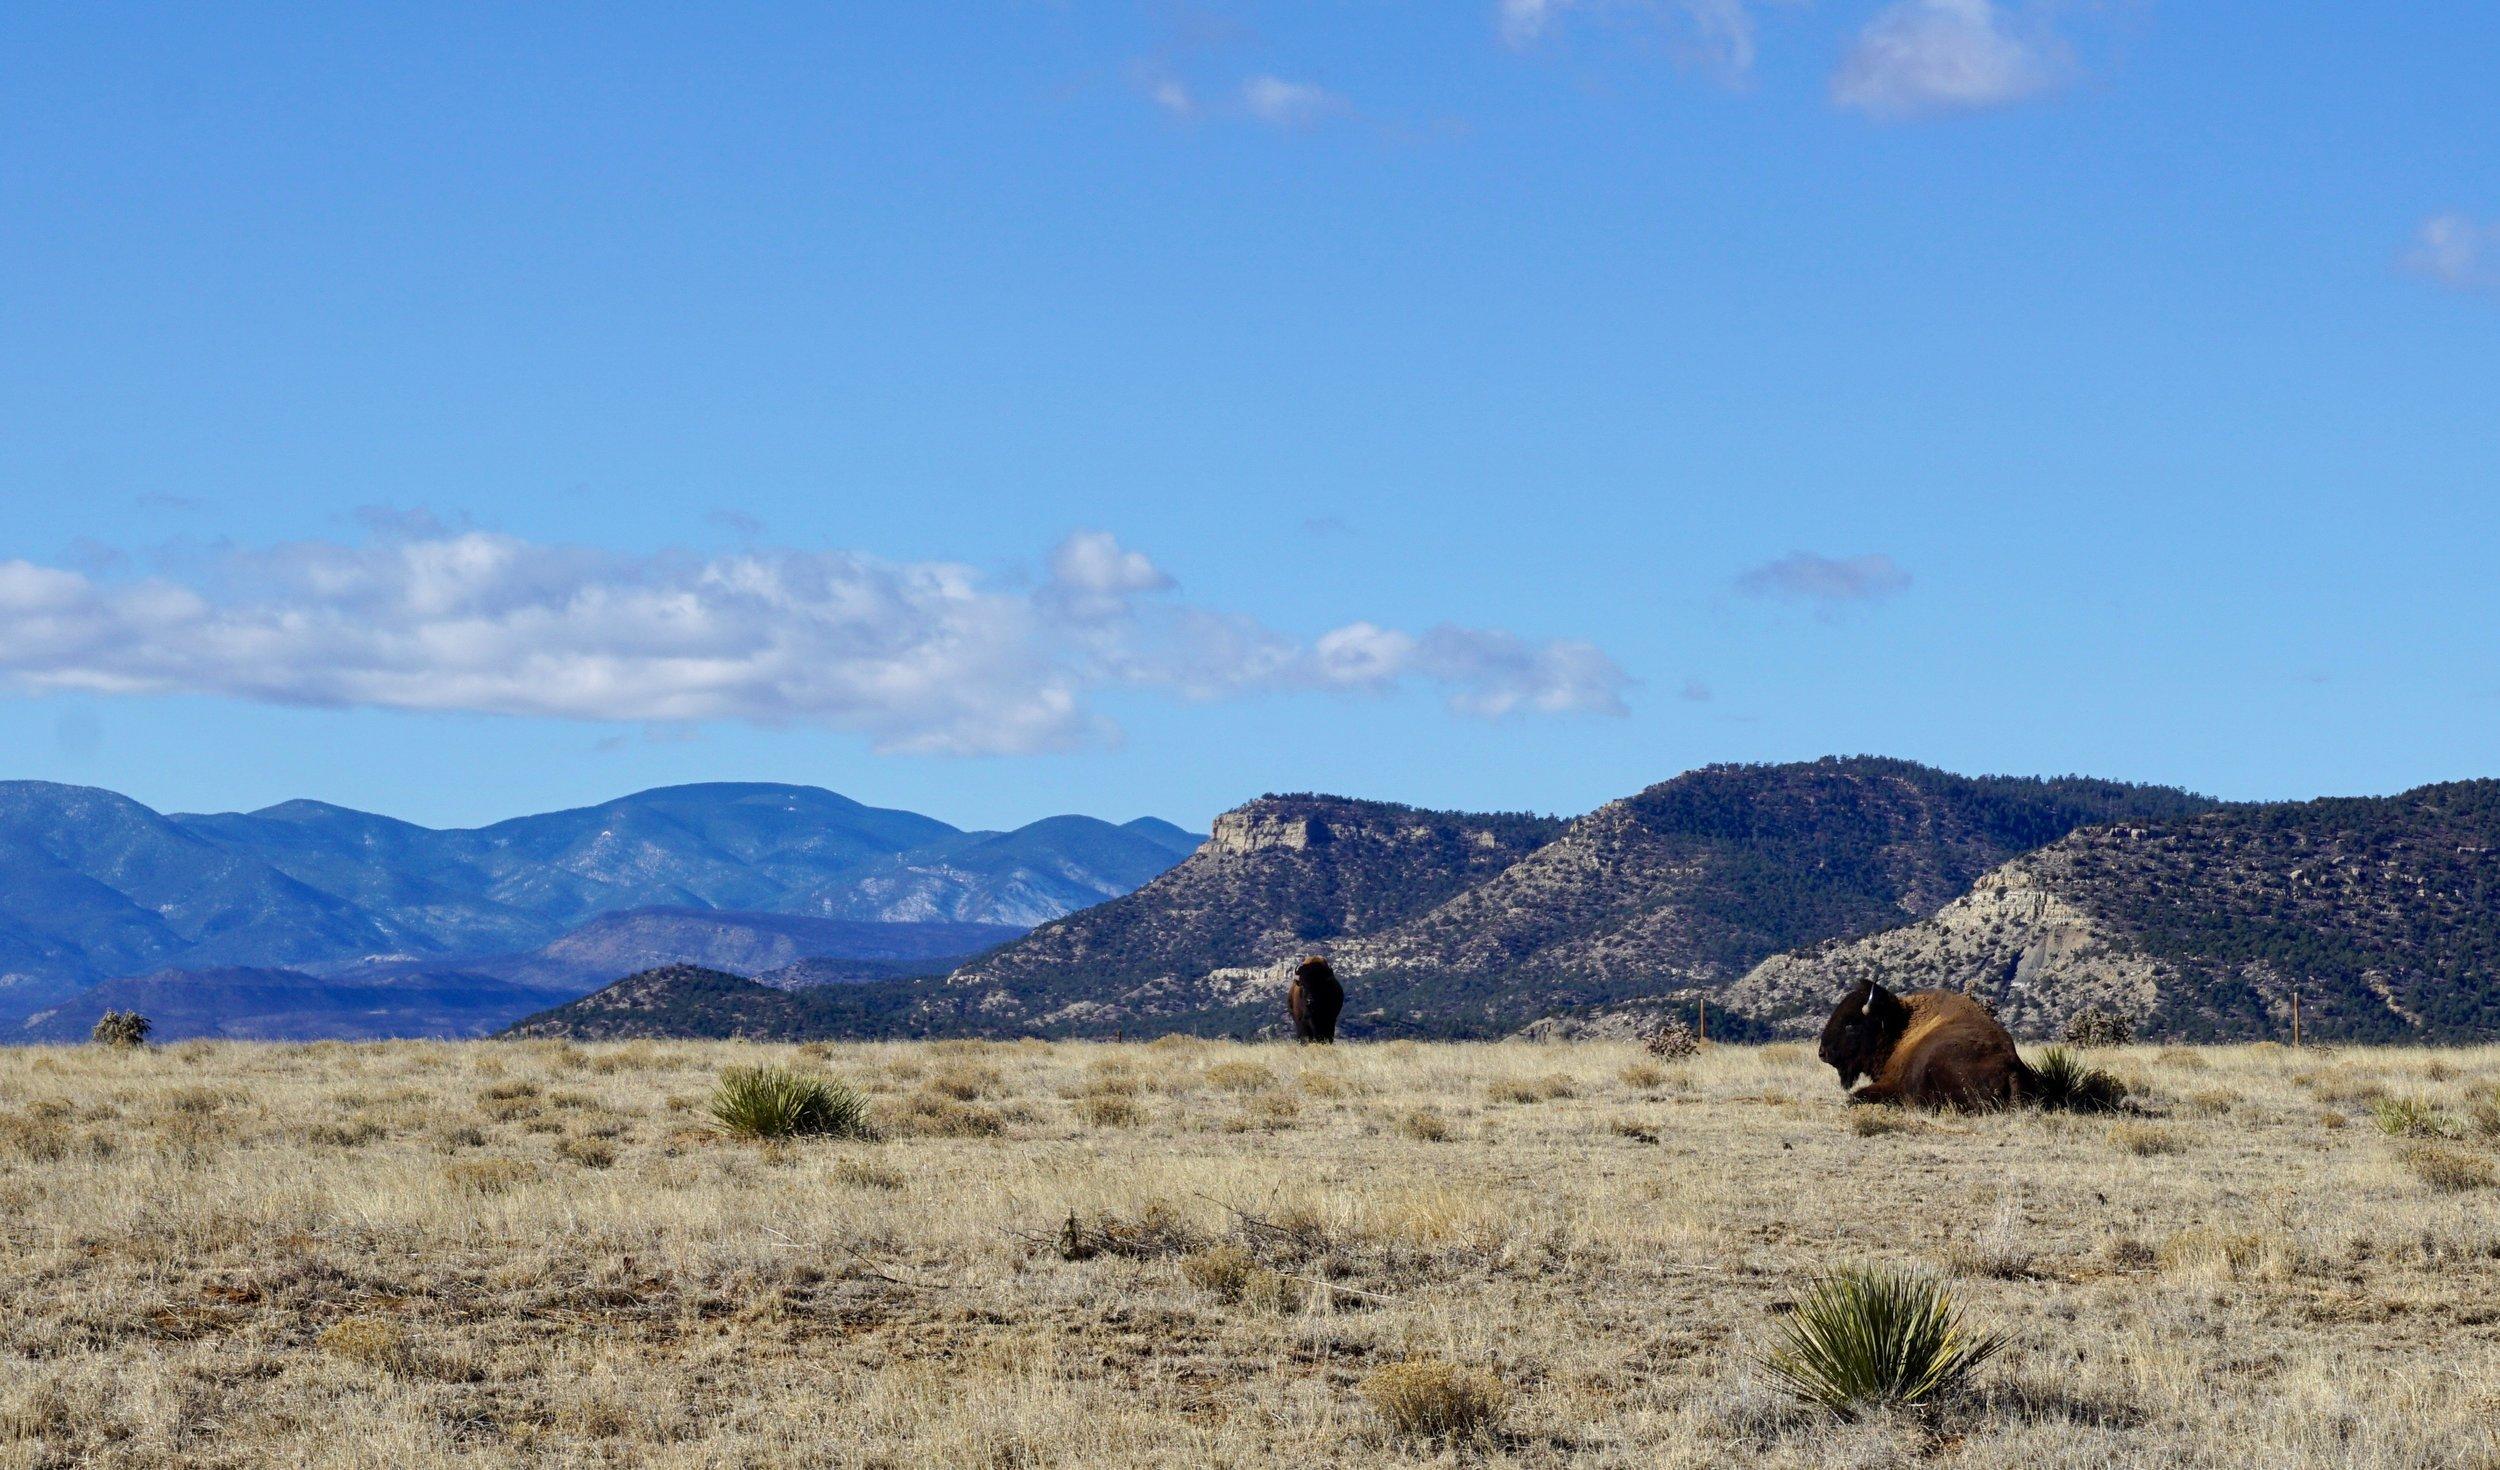 Cimarron New Mexico